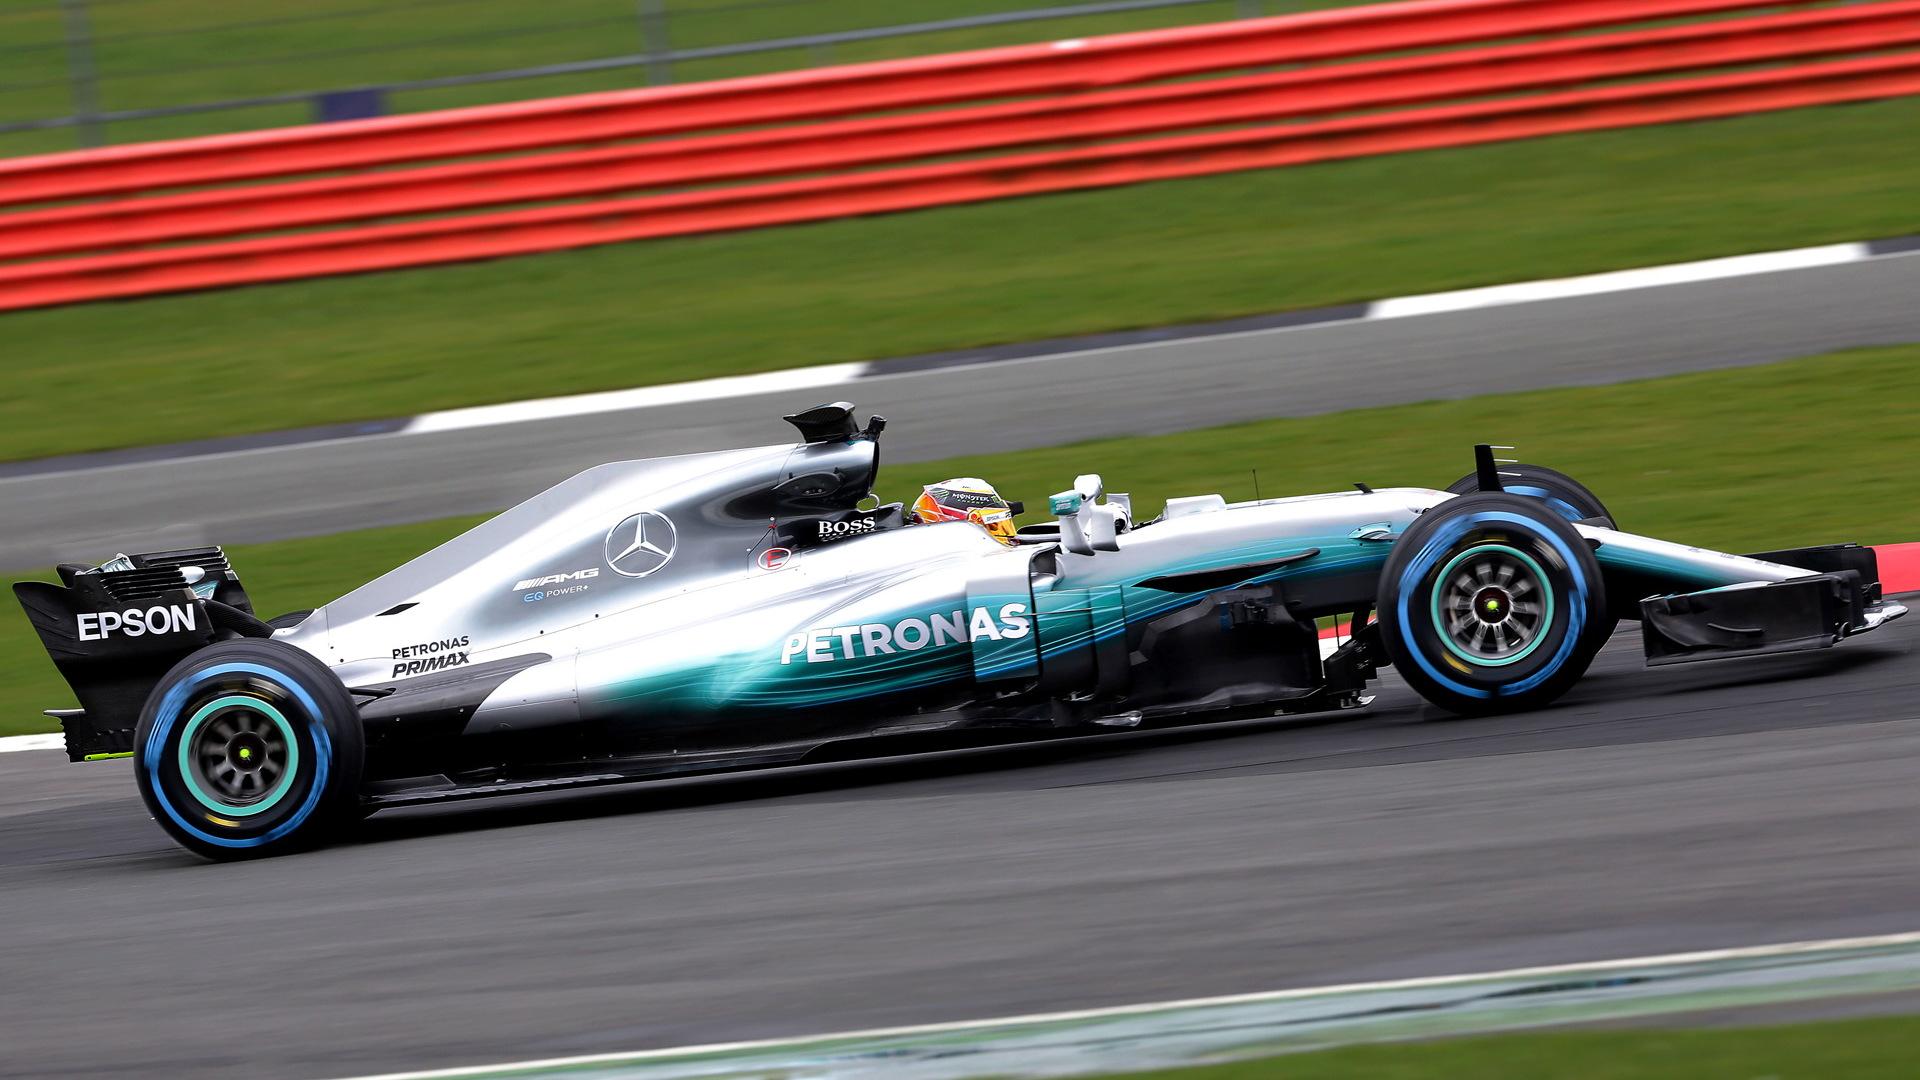 2017 Mercedes AMG W08 EQ Power+ Formula One race car